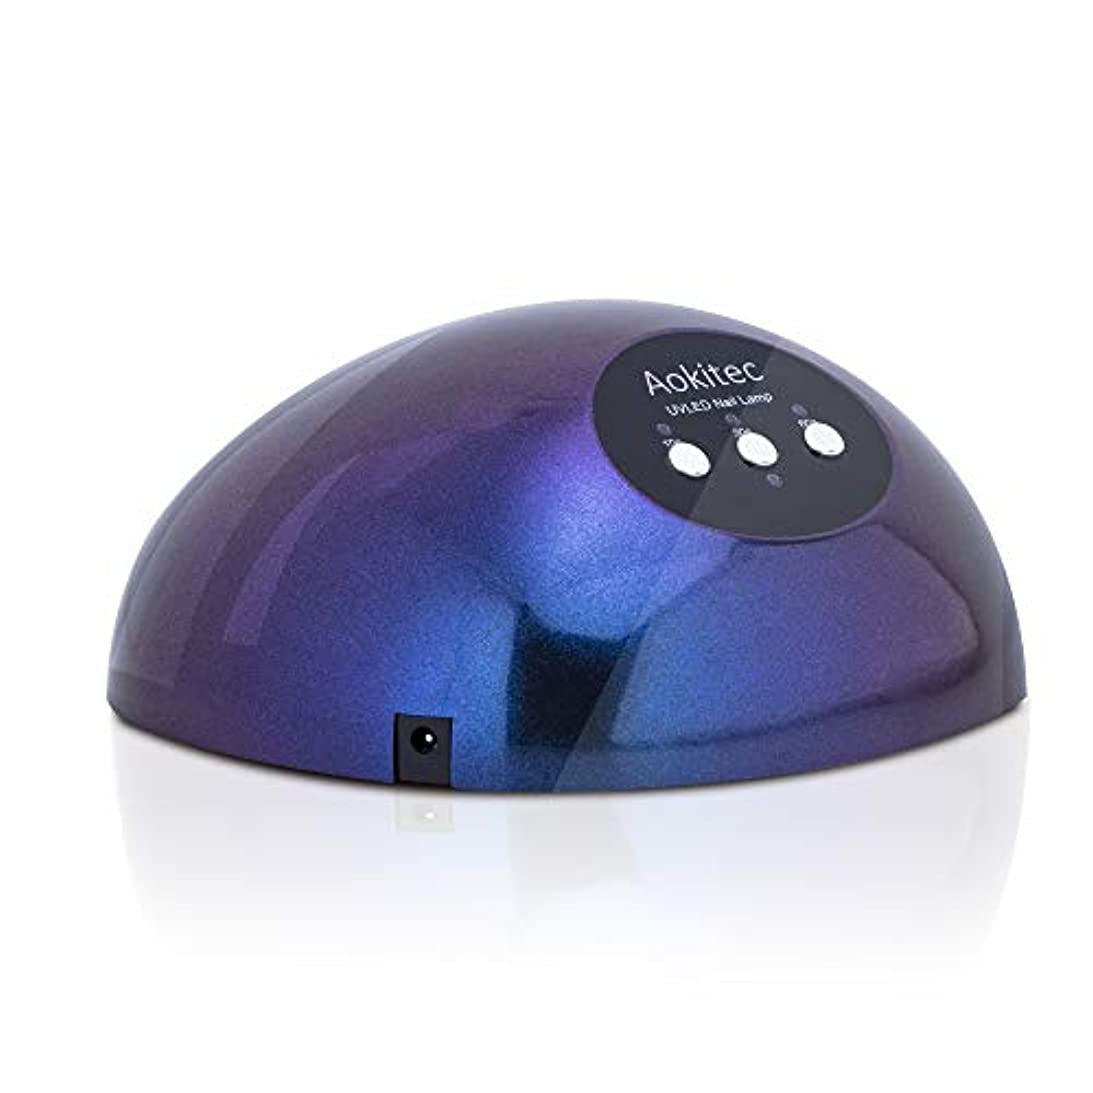 特異な光沢のあるアナリスト48W LED UVネイルライト ダブル光源ライト 高速硬化用UVライト オートセンサーとタイマー機能付ネイルランプ 大空間 すべてのジェルネイルとレジン液対応ネイルドライヤー 【日本語説明書付き】